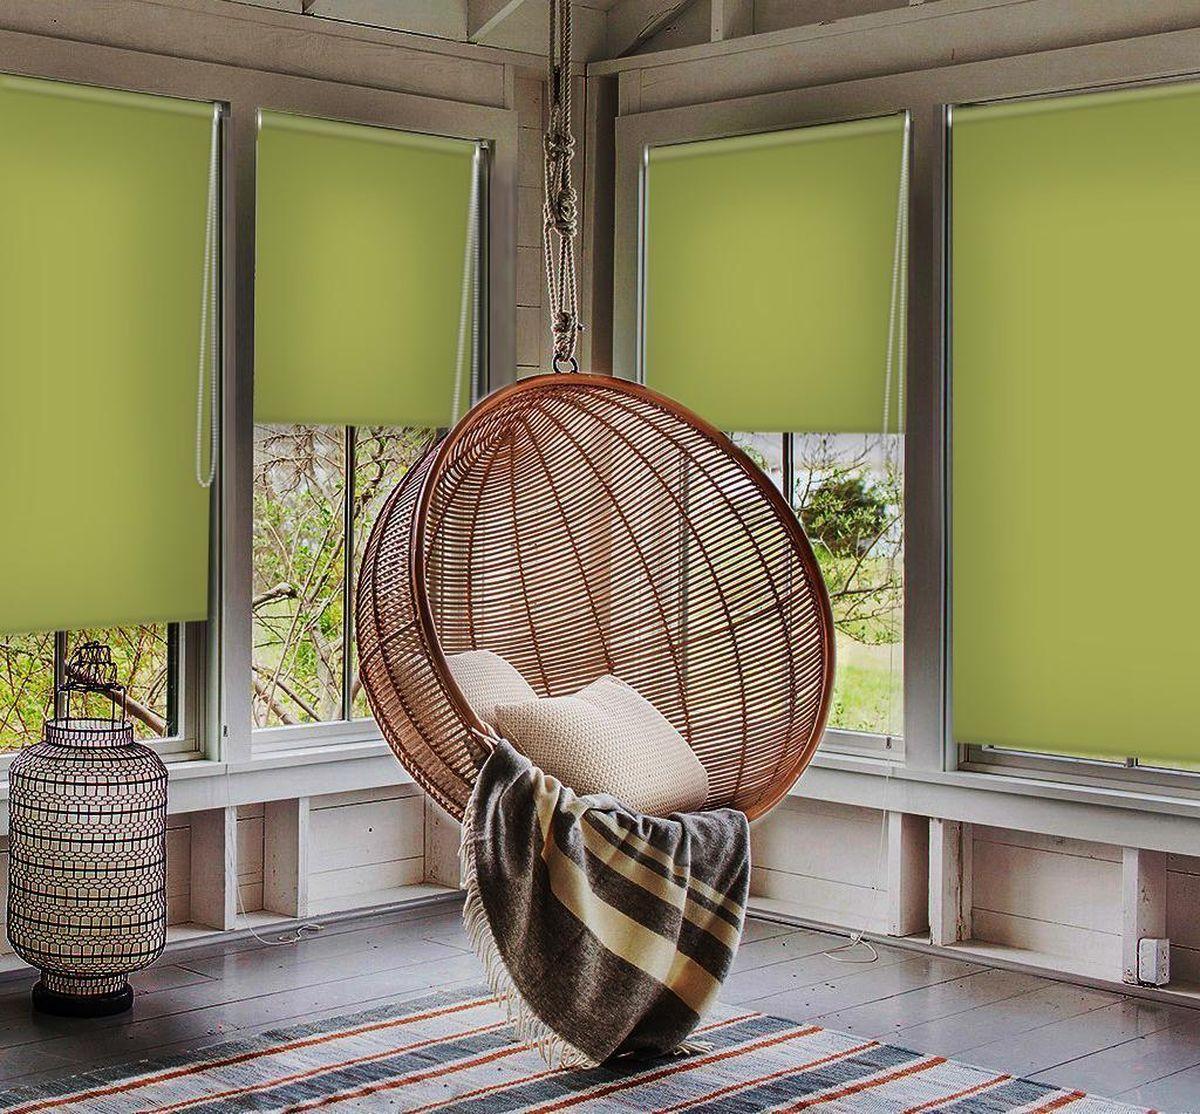 """Рулонными шторами Эскар """"Миниролло. Blackout"""" можно оформлять окна как самостоятельно, так и использовать в комбинации с портьерами. Это поможет предотвратить выгорание дорогой ткани на солнце и соединит функционал рулонных с красотой навесных.  Преимущества применения рулонных штор для пластиковых окон:  - имеют прекрасный внешний вид: многообразие и фактурность материала изделия отлично смотрятся в любом интерьере; - многофункциональны: есть возможность подобрать шторы способные эффективно защитить комнату от солнца, при этом она не будет слишком темной.  - Есть возможность осуществить быстрый монтаж.  ВНИМАНИЕ! Размеры ширины изделия указаны по ширине ткани!  Во время эксплуатации не рекомендуется полностью разматывать рулон, чтобы не оторвать ткань от намоточного вала.  В случае загрязнения поверхности ткани, чистку шторы проводят одним из способов, в зависимости от типа загрязнения: легкое поверхностное загрязнение можно удалить при помощи канцелярского ластика; чистка от пыли производится сухим методом при помощи пылесоса с мягкой щеткой-насадкой; для удаления пятна используйте мягкую губку с пенообразующим неагрессивным моющим средством или пятновыводитель на натуральной основе (нельзя применять растворители)."""